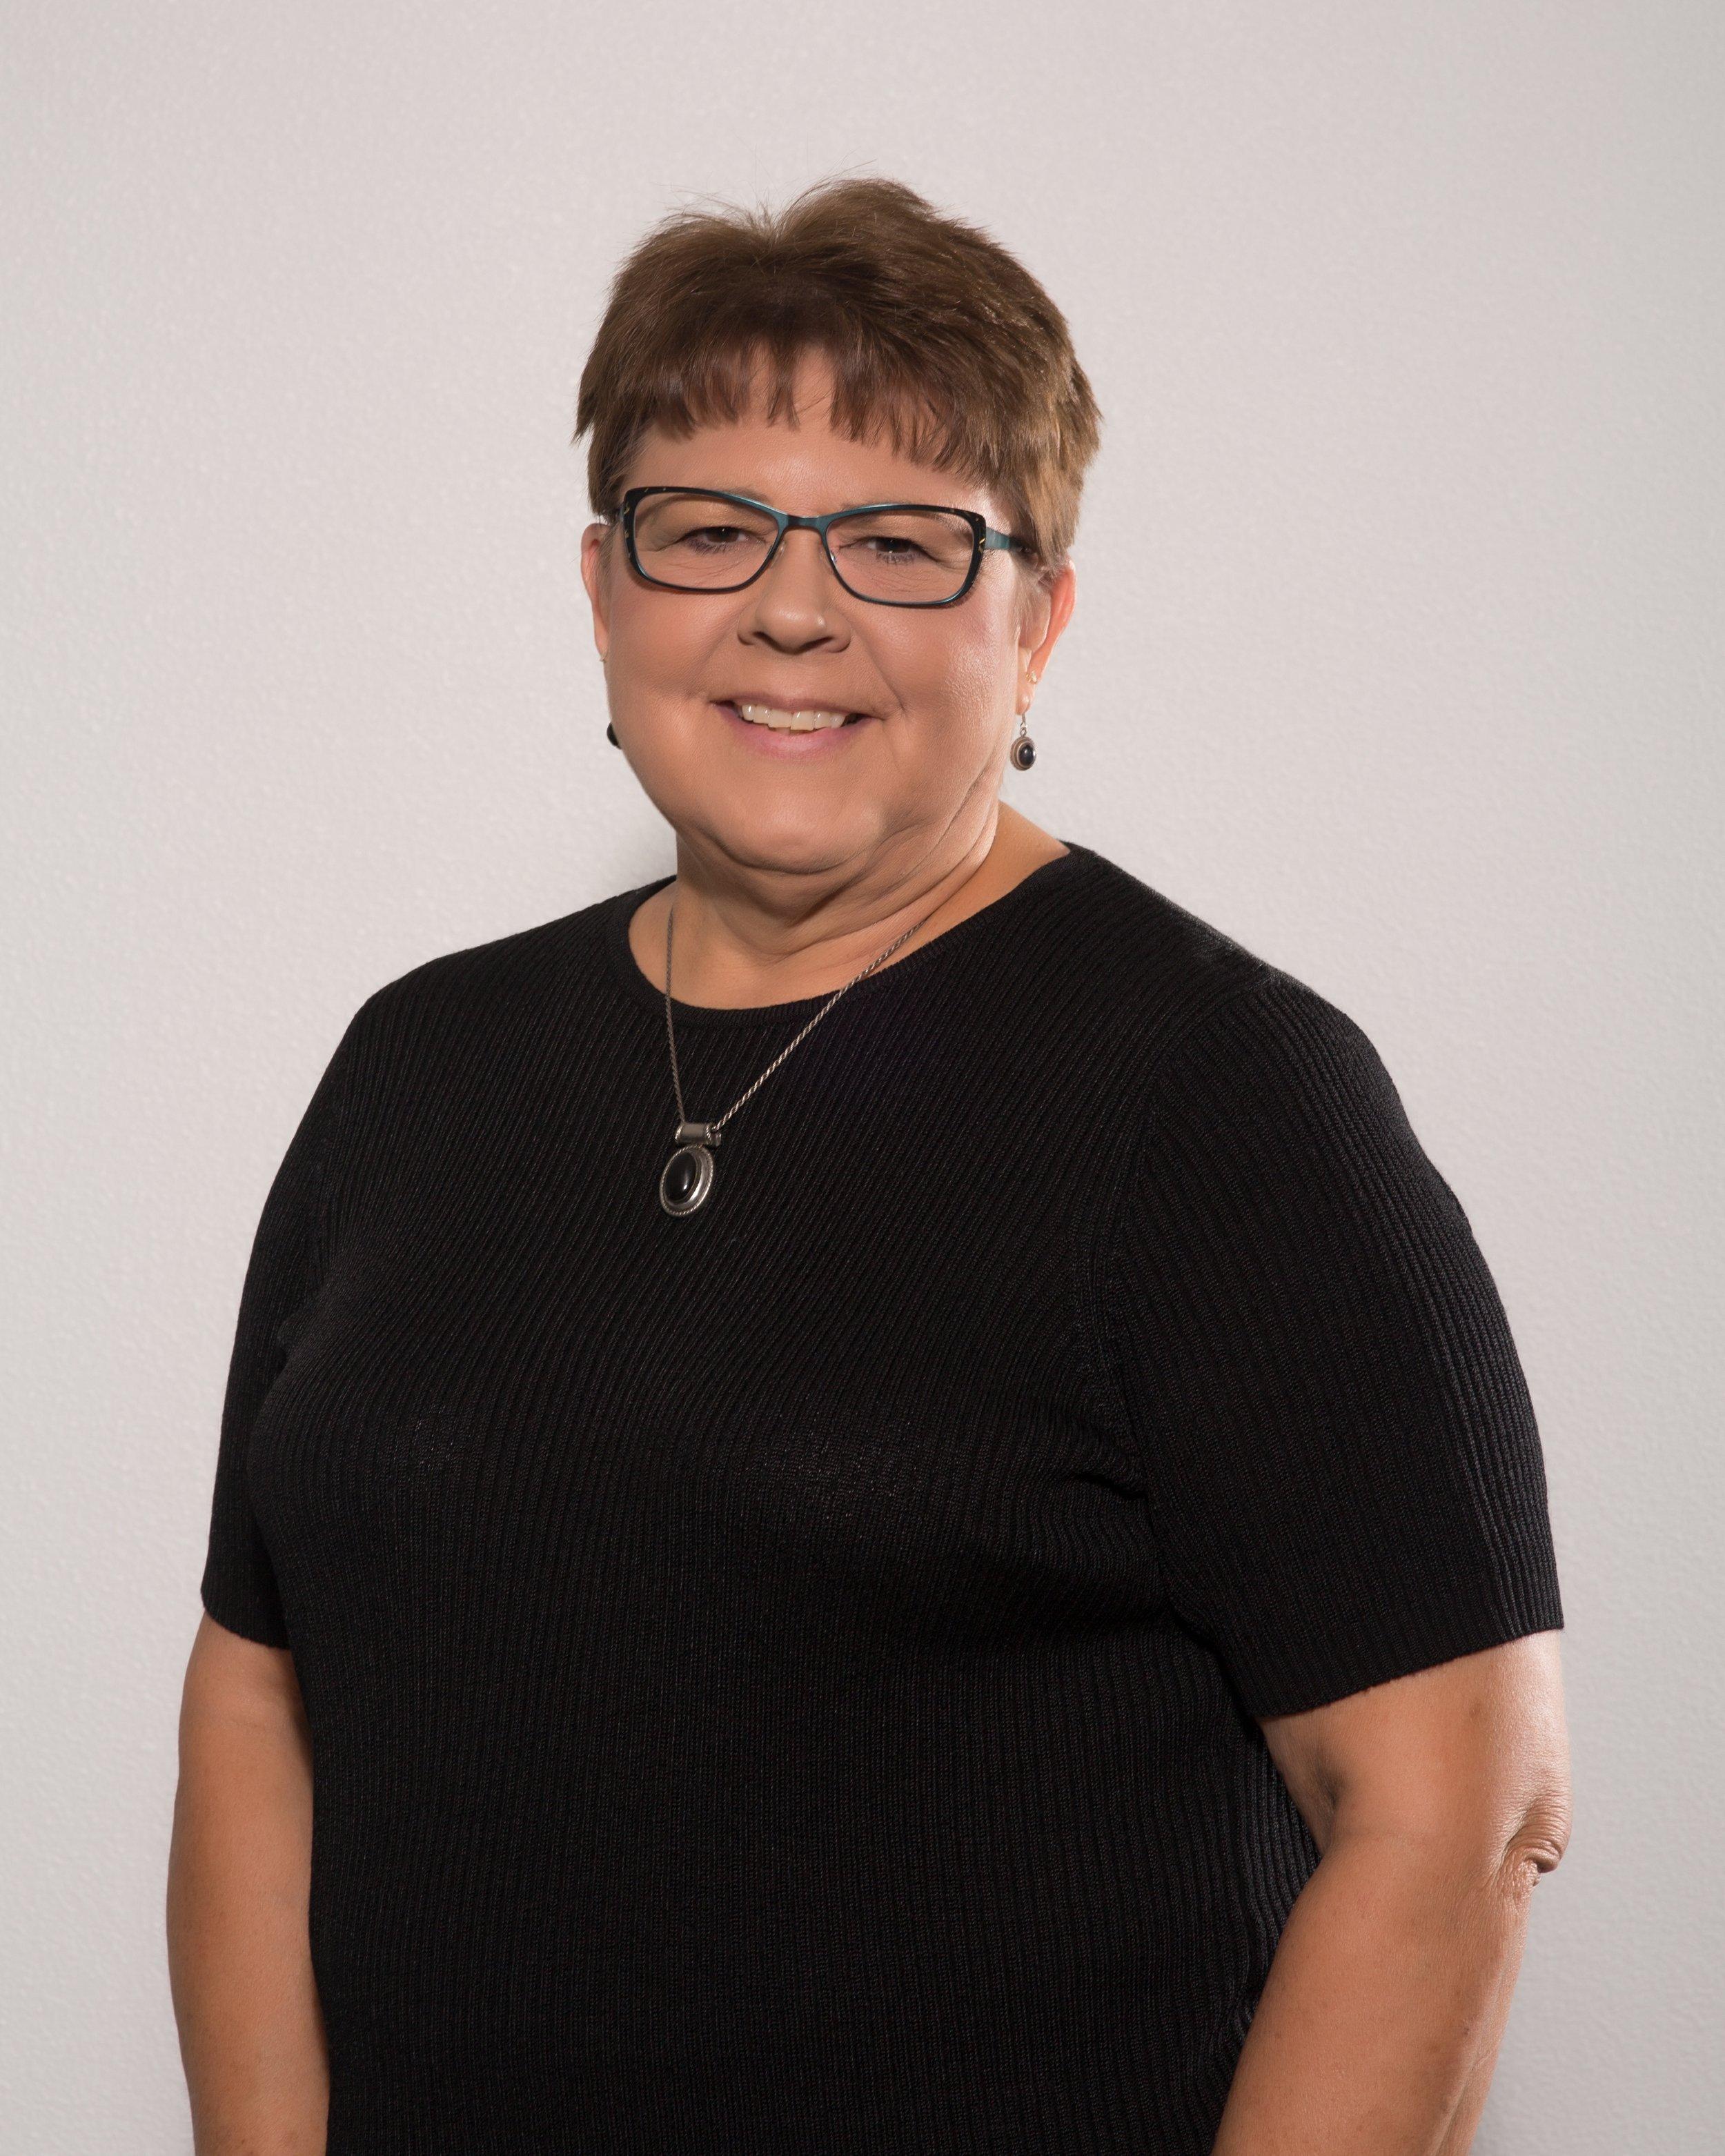 Nancy Terpening